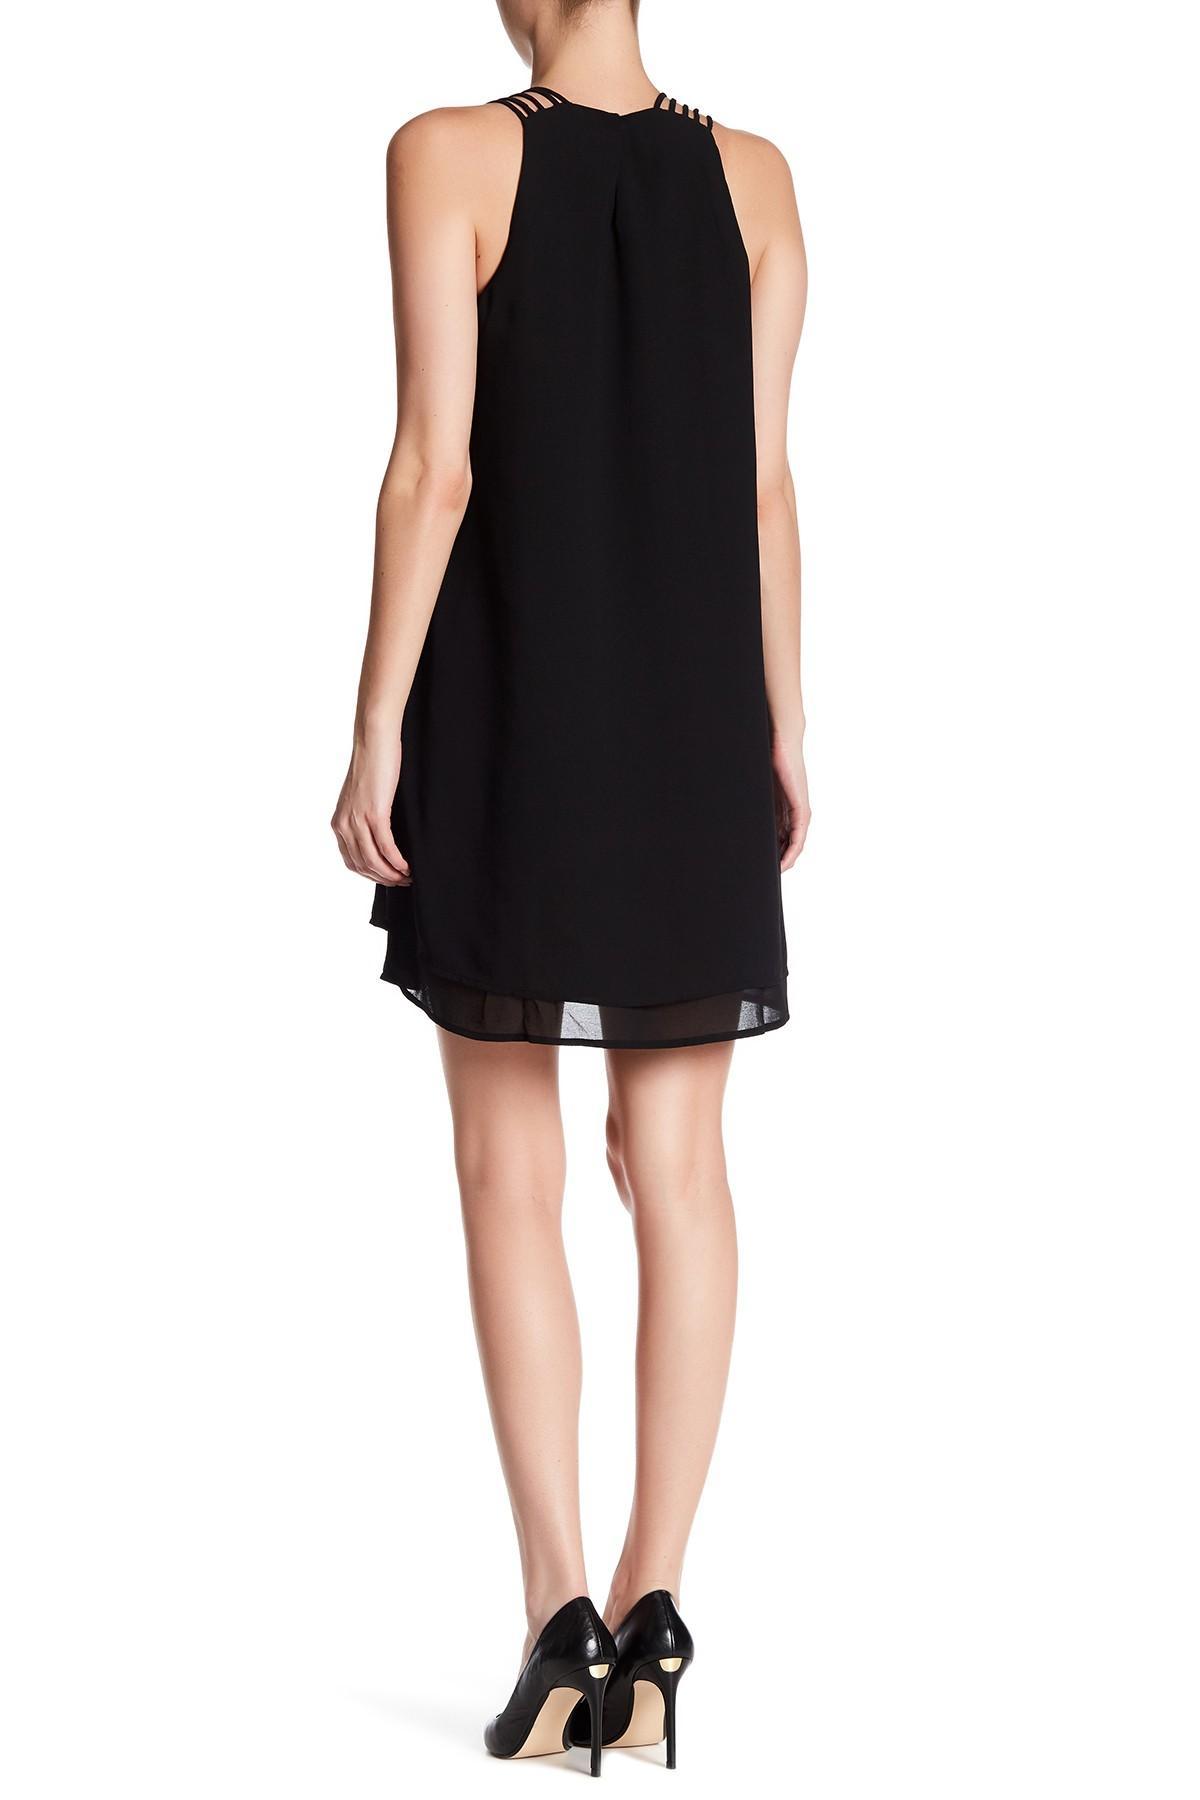 Loft Black Swing Dress